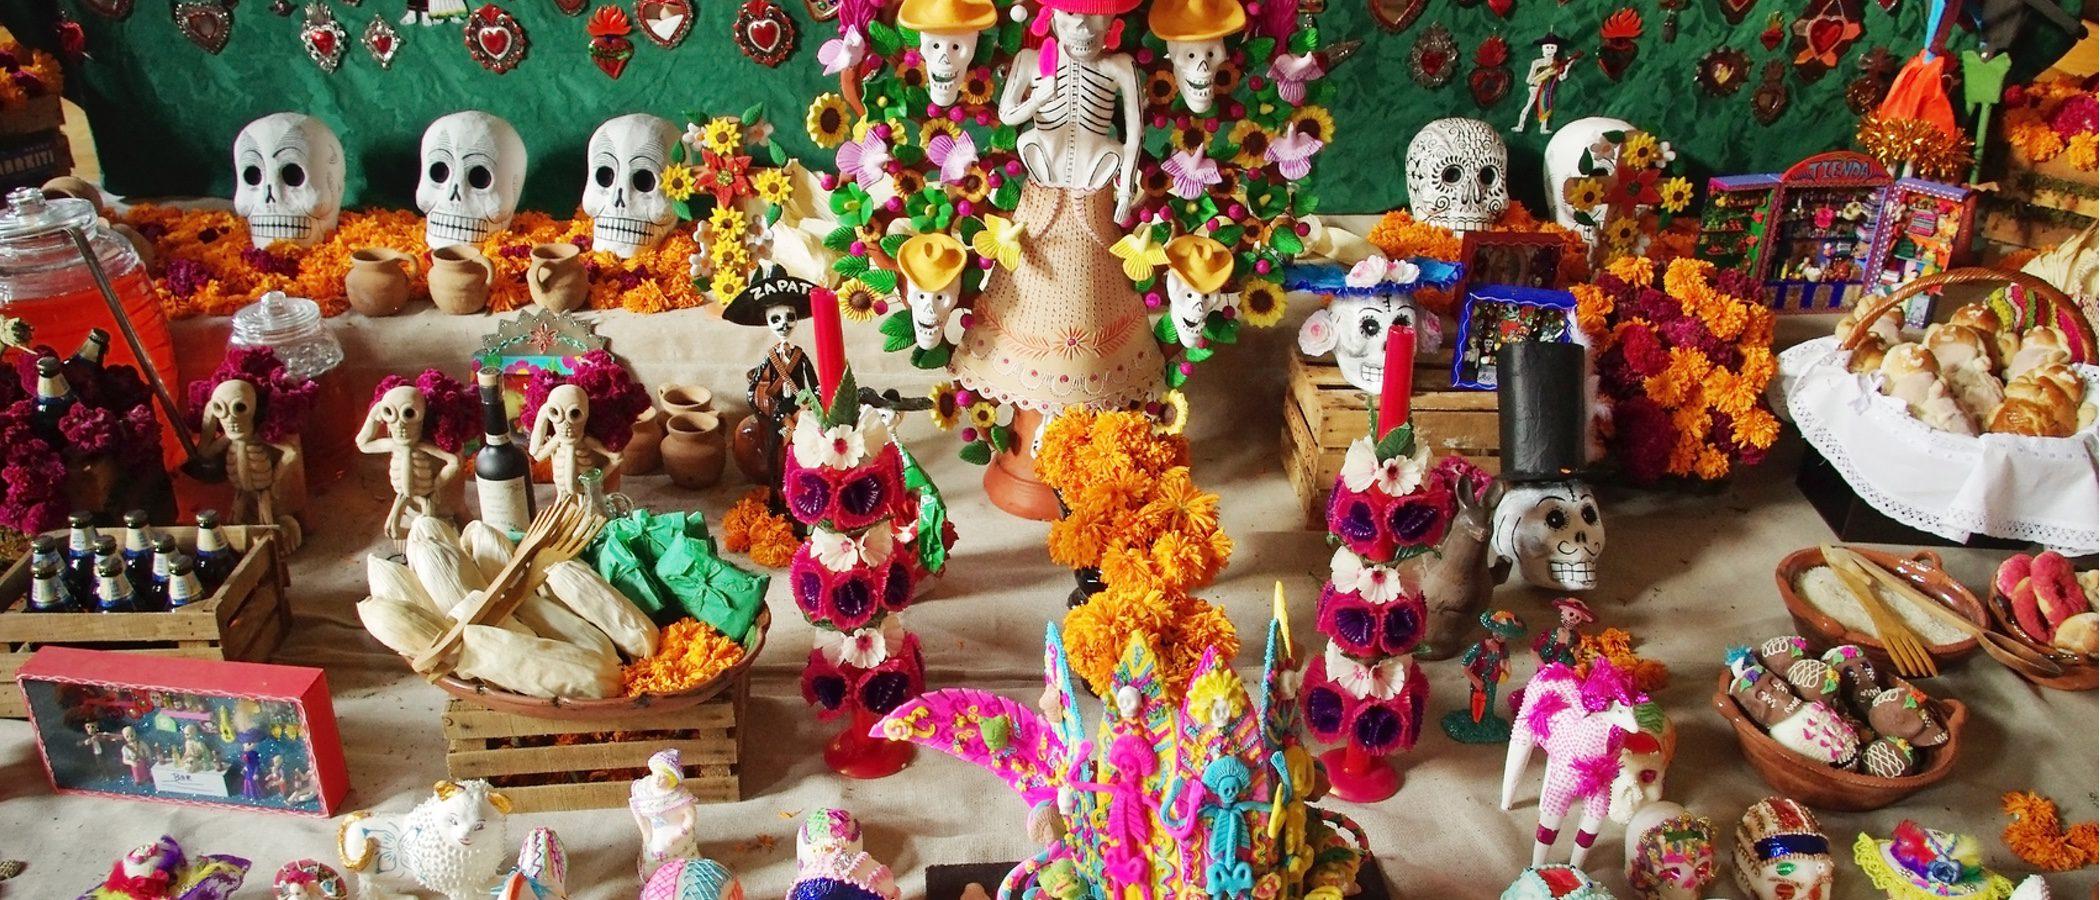 El Día de los Muertos en México: Descubre todo sobre esta tradición